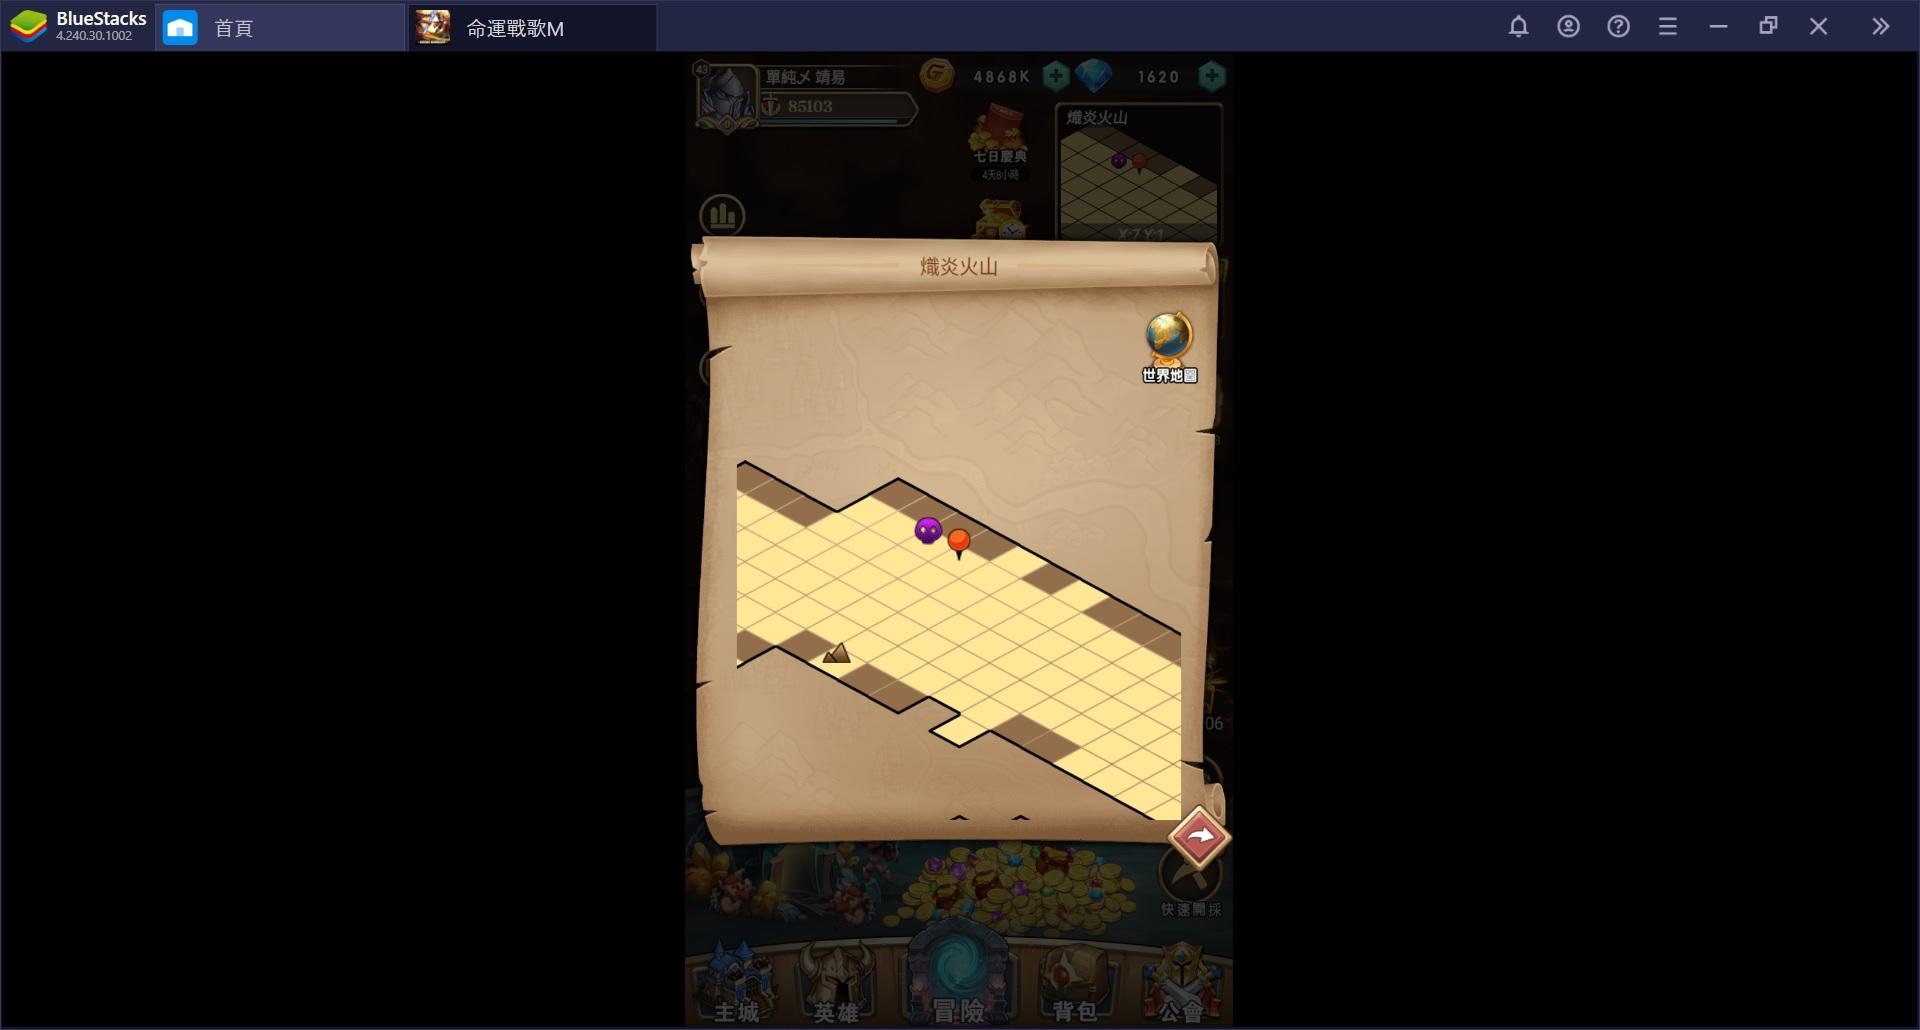 使用BlueStacks在PC上體驗放置RPG手游《命運戰歌M》